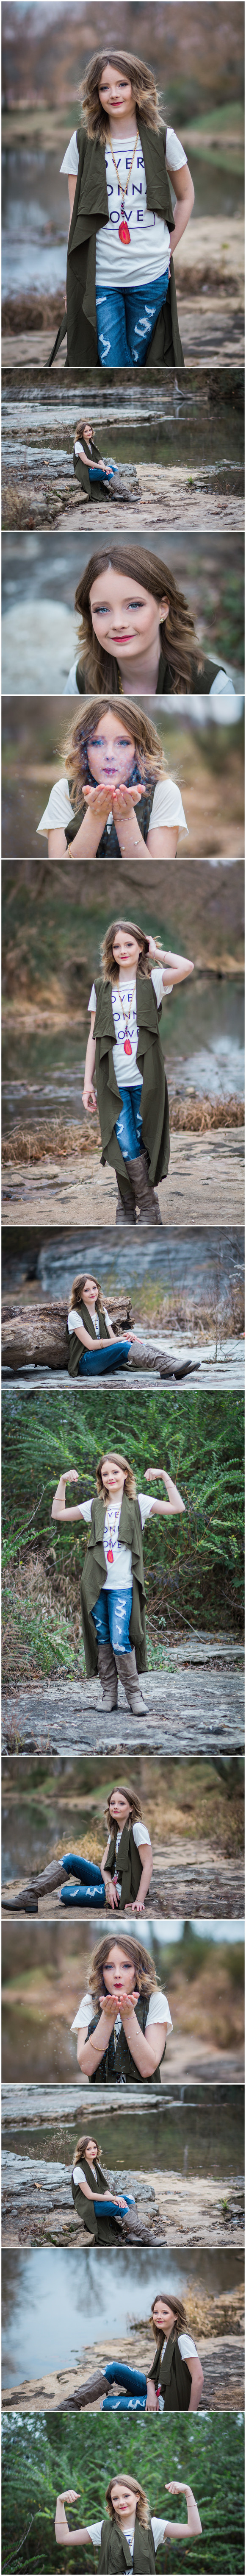 Stephanie McBee Photography - Harrison, Ar Photographer - Destiny Davis